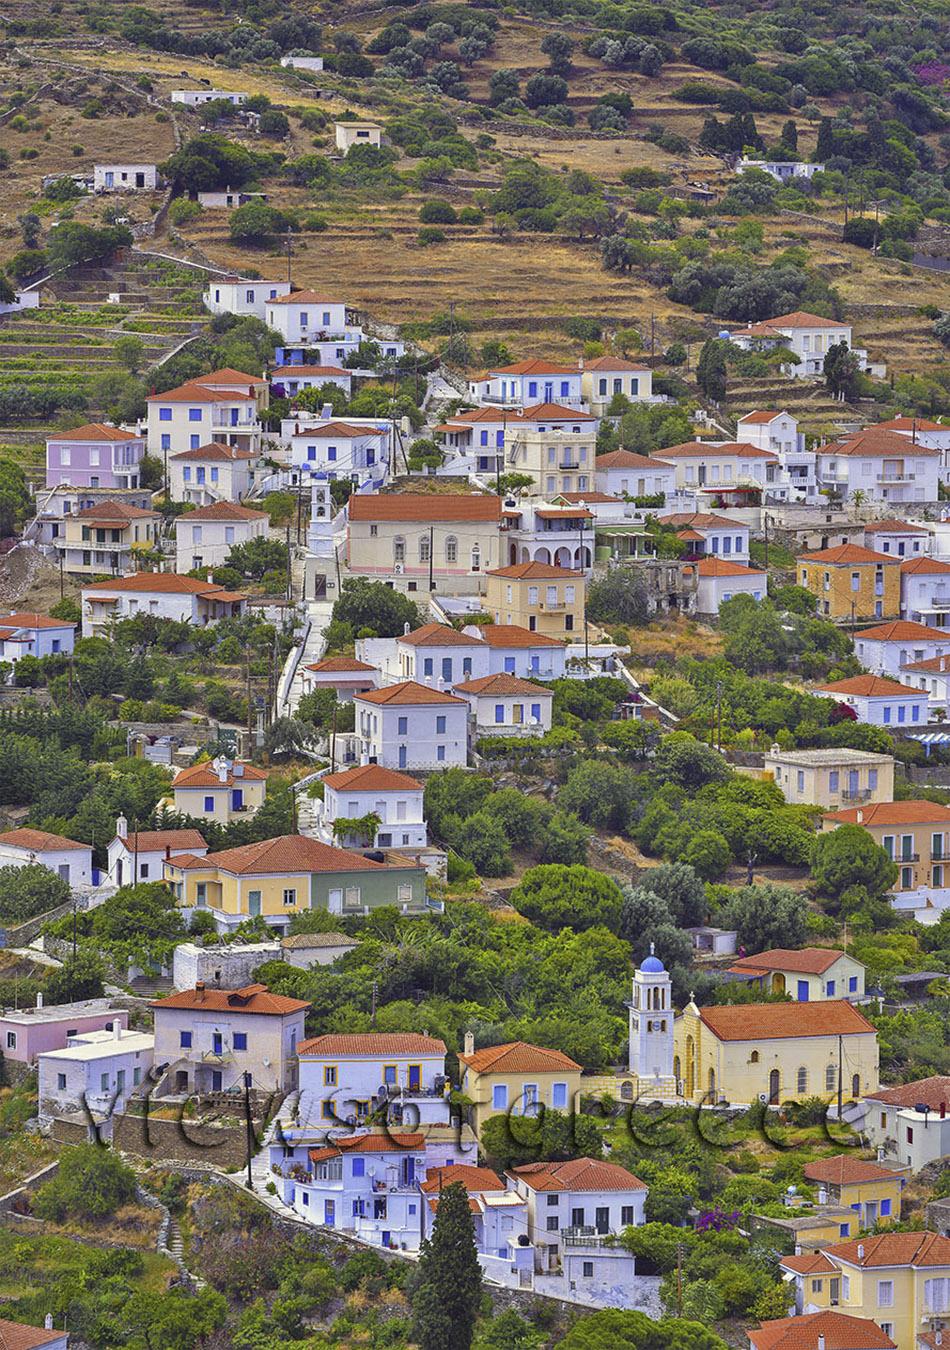 Άνδρος, Κυκλάδες, παραλίες, εξερευνήσεις, παραδοσιακά χωριά, μουσεία